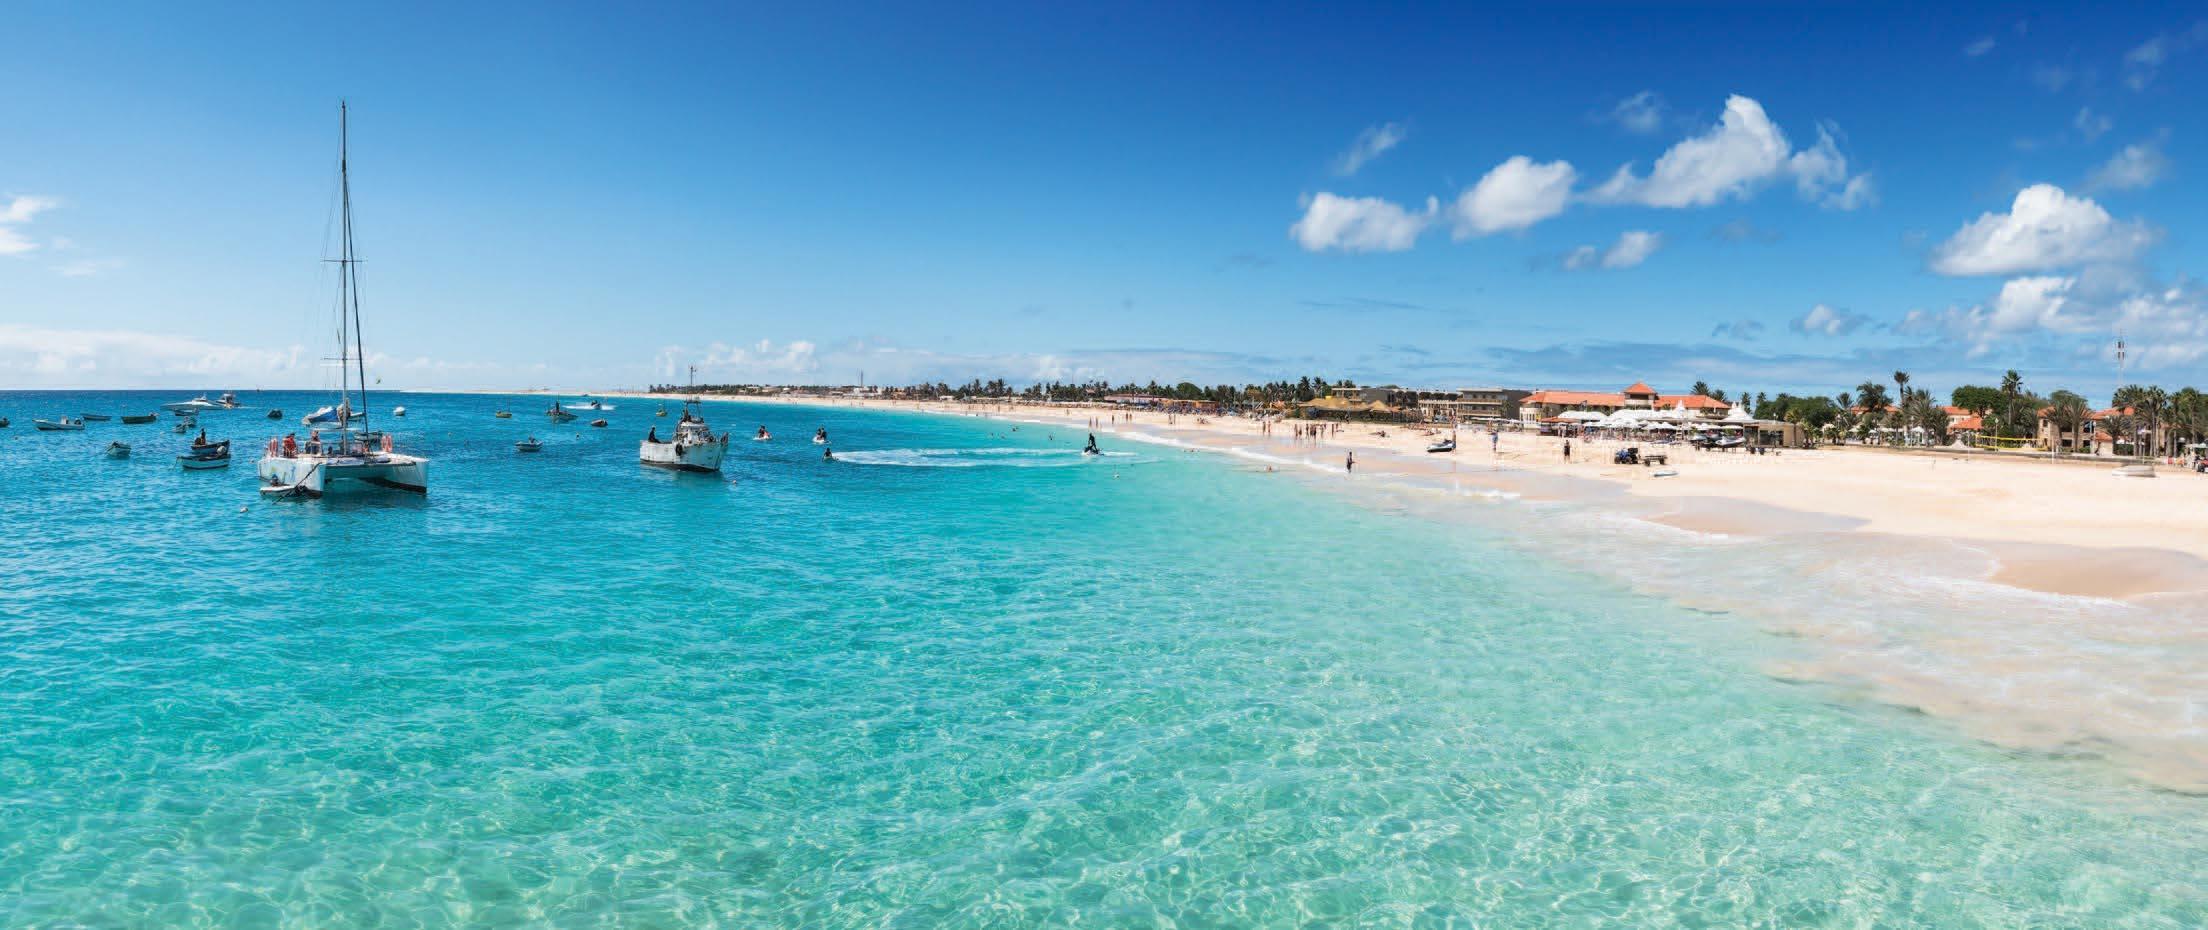 Promenade en voilier en longeant la côte de l'île de Sal, incluant un déjeuner typique à bord et la pratique du snorkeling et de la pêche